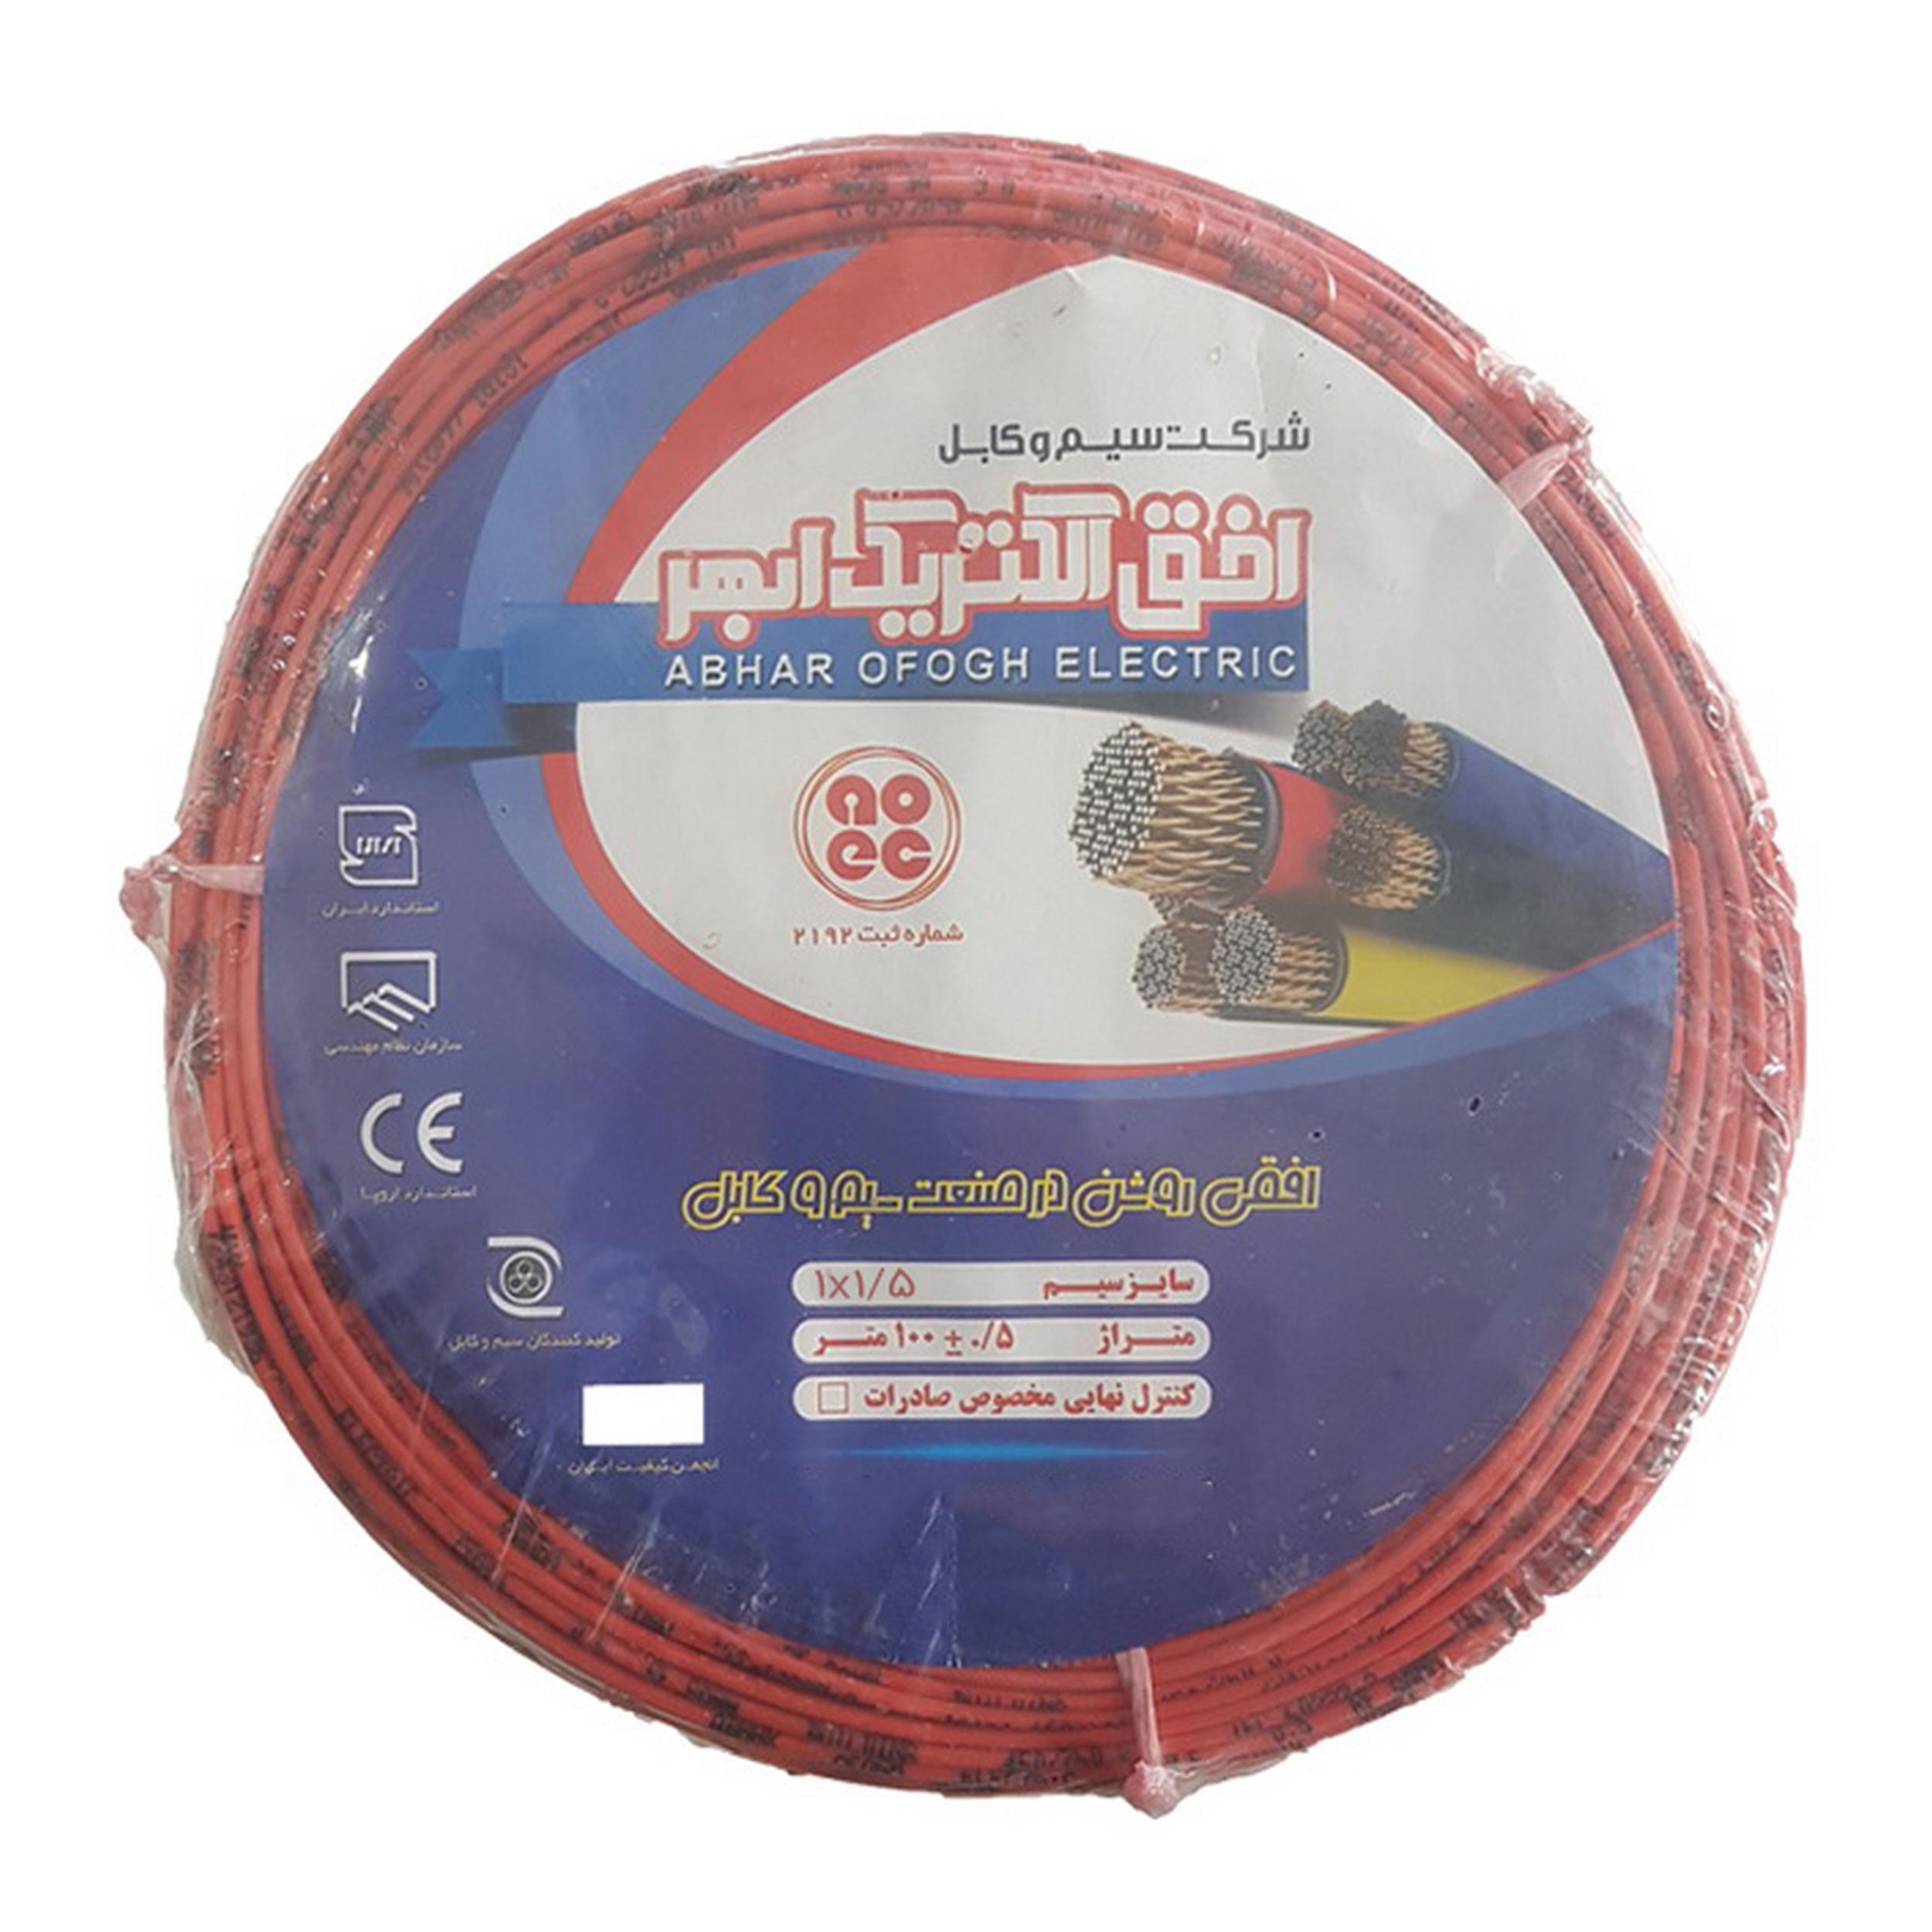 کابل برق 1/5در1 افق الکتریک ابهر مدل 511